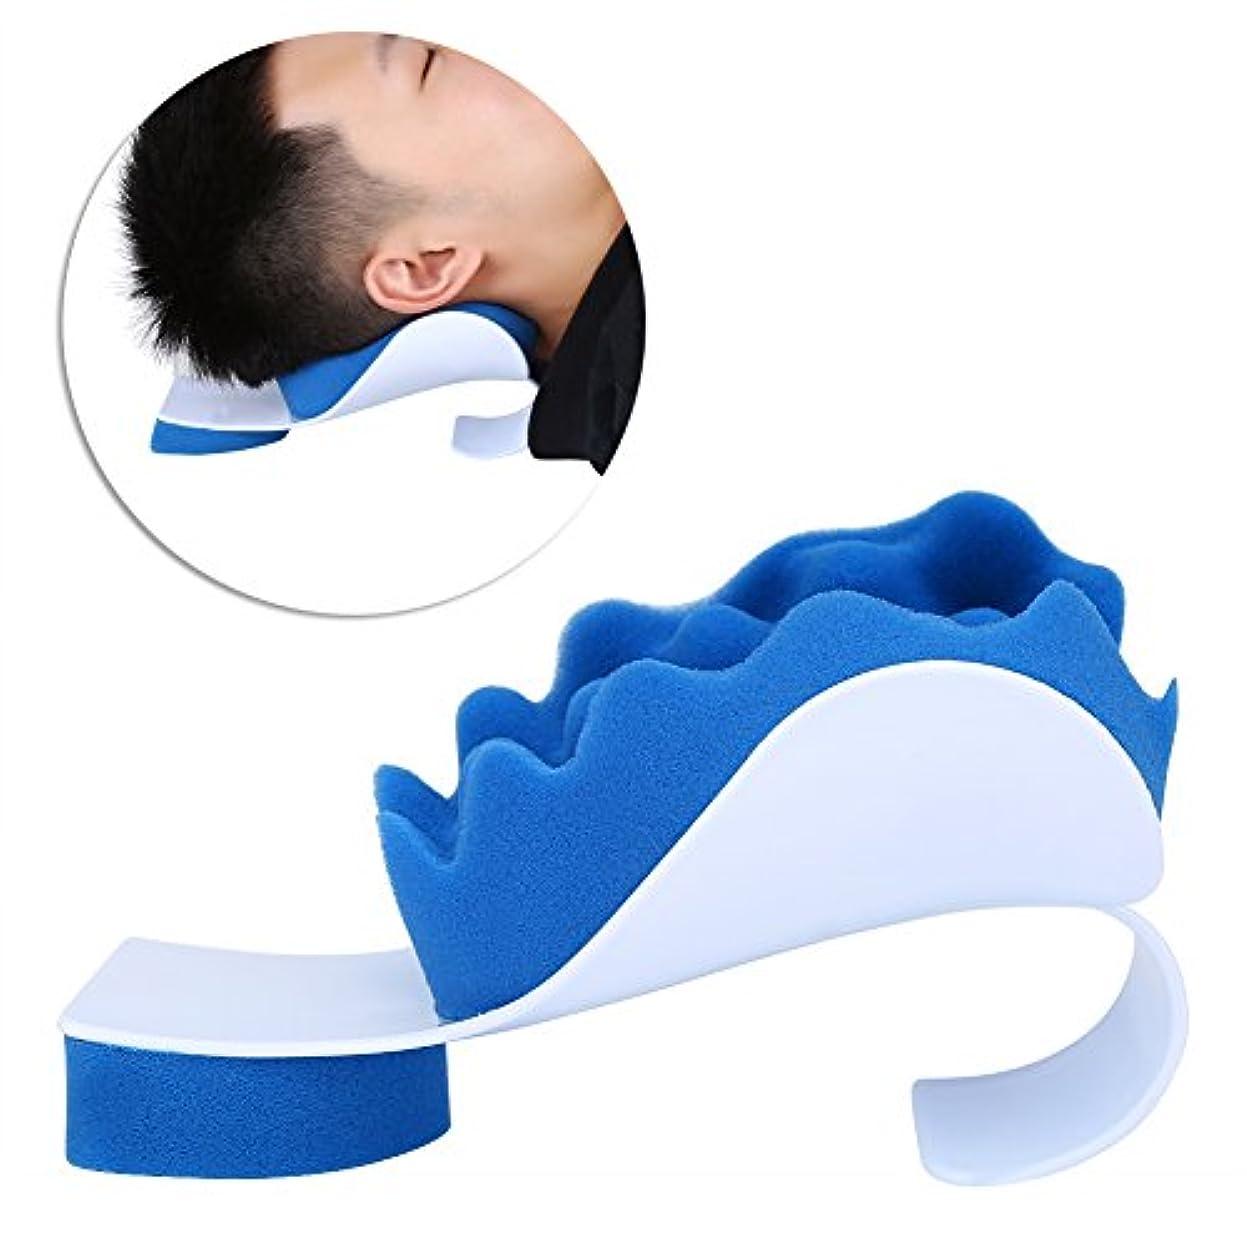 ソファー実質的に夜明けマッサージ枕 首ストレッチャー ネック枕 ツボ押し リラックス ストレス解消 頚椎/首筋矯正 首筋押圧 肩こり 首こり 改善